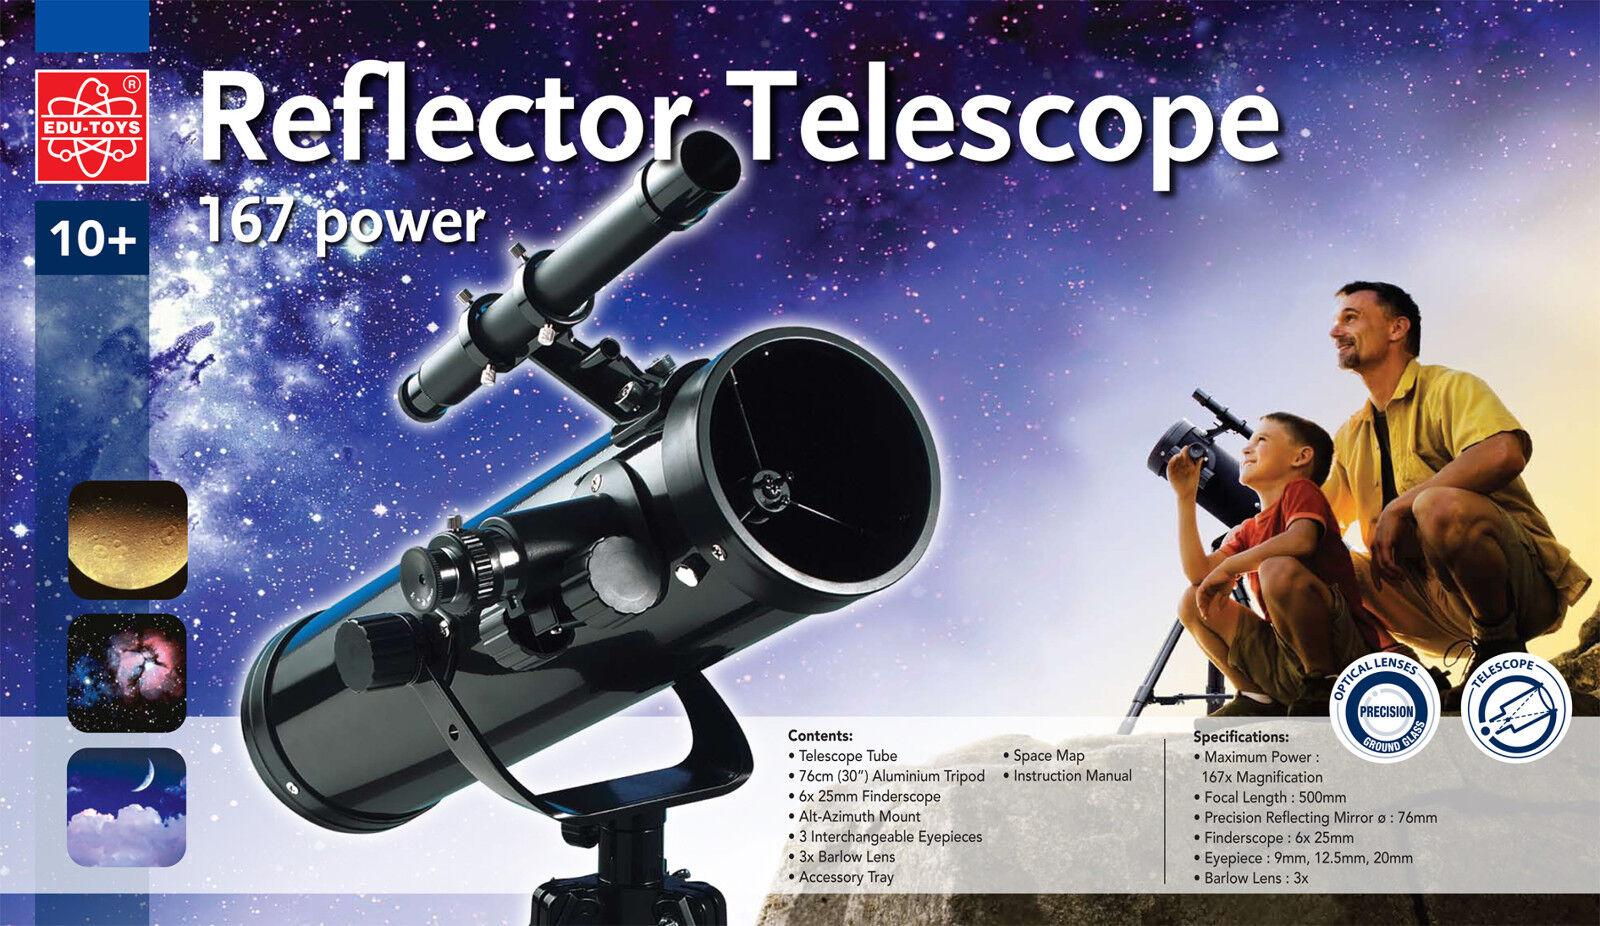 Bresser reflektor teleskop mm durchmesser mm brennweite